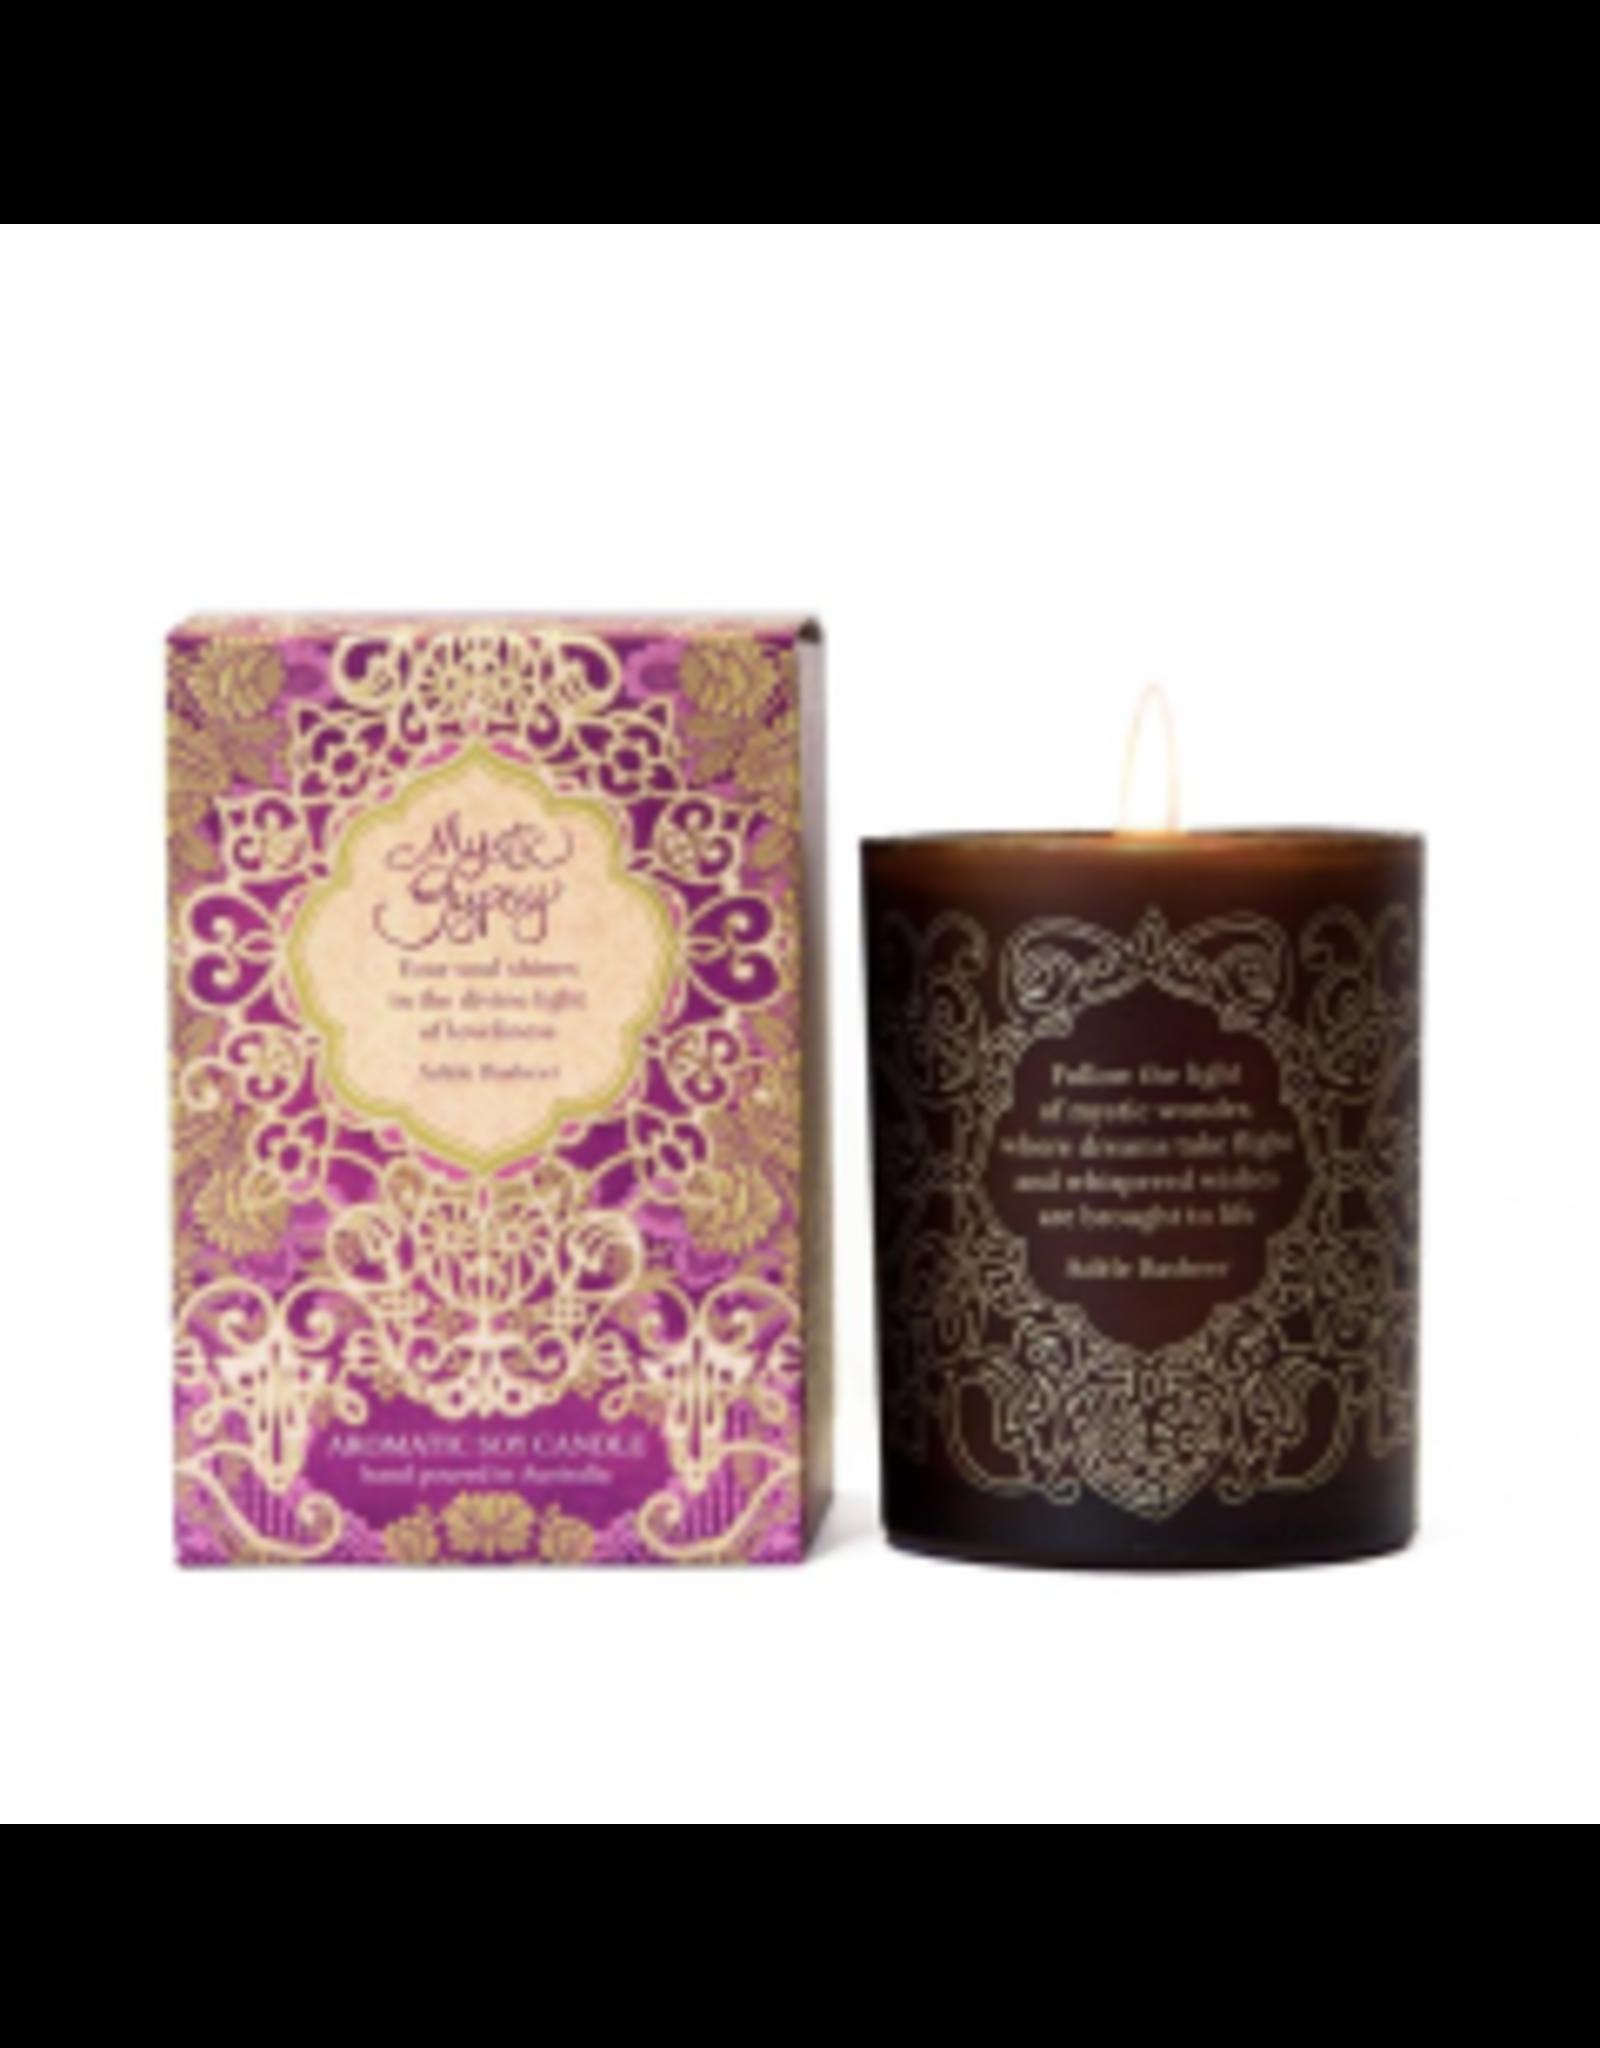 Intrinsic Mystic Gypsy Soy & Macadamia Candle